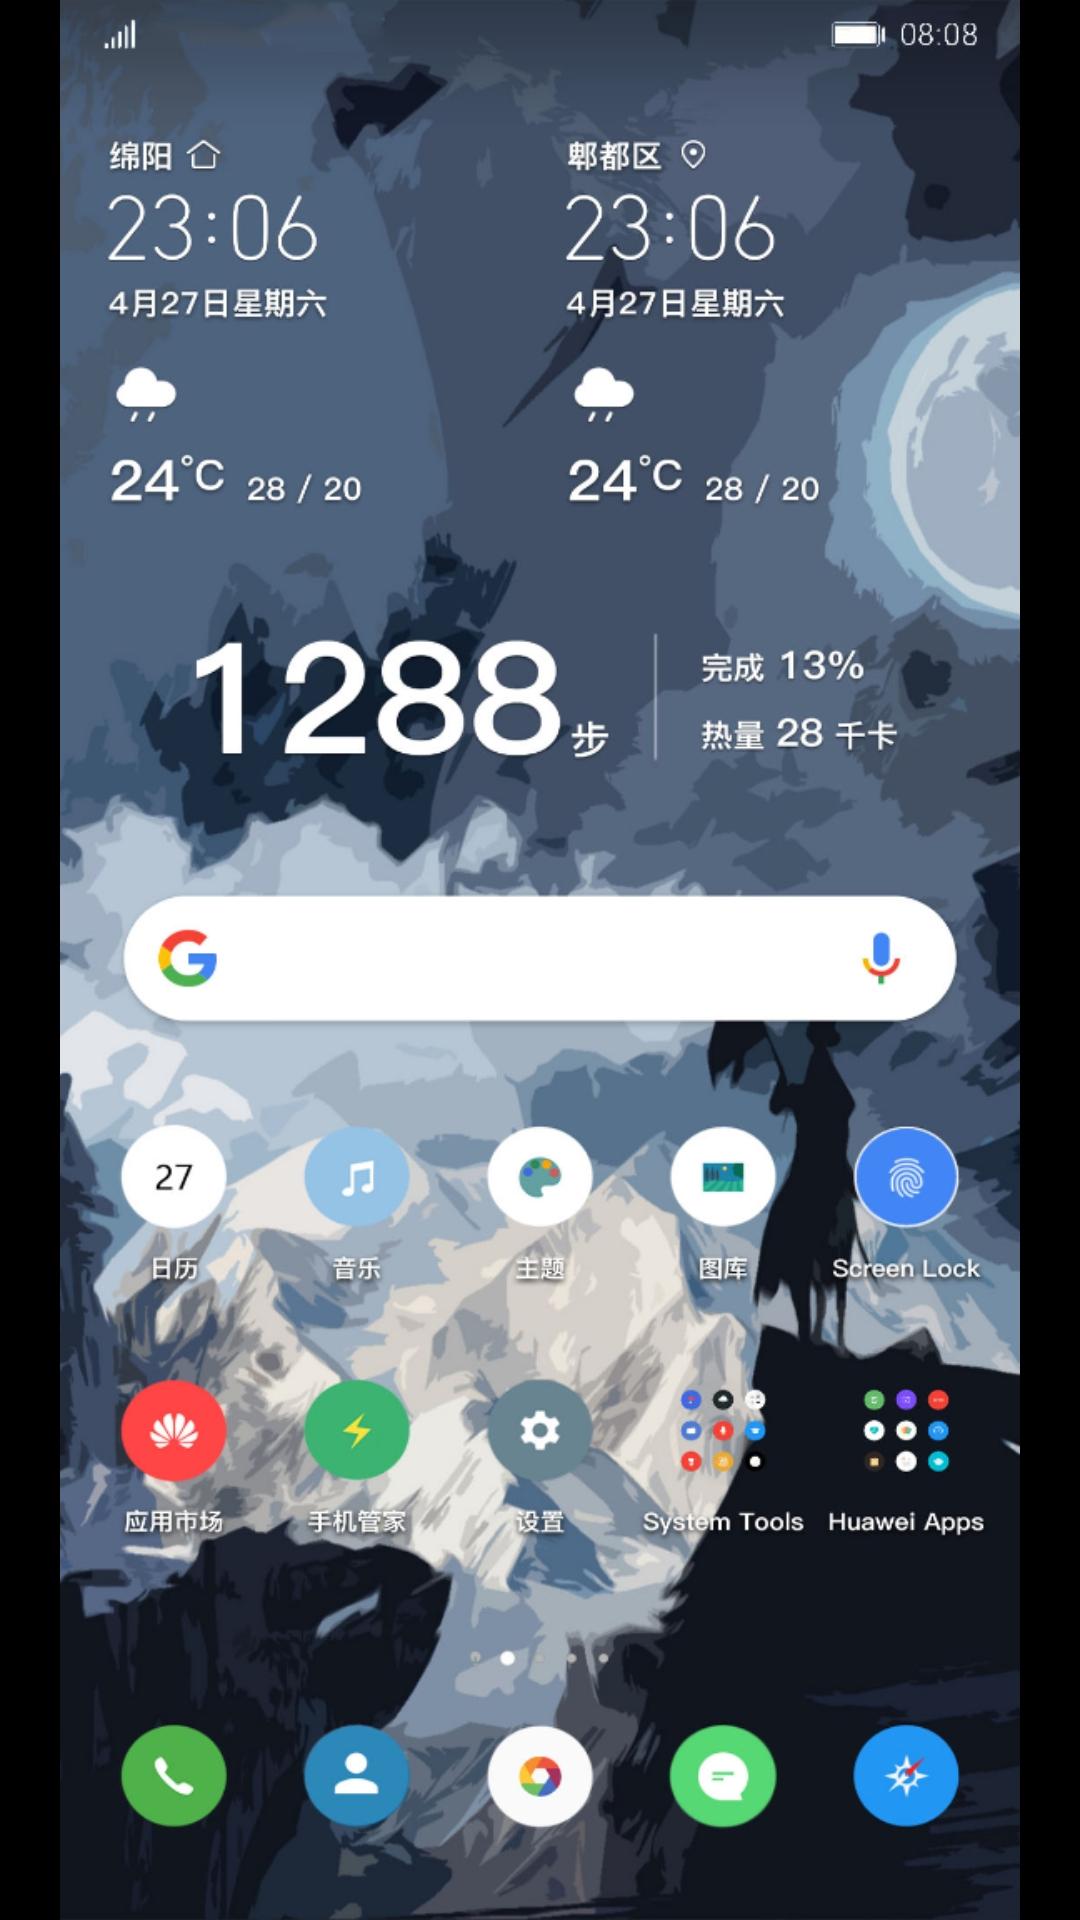 Screenshot_20190520_153146_com.huawei.android.the.jpg